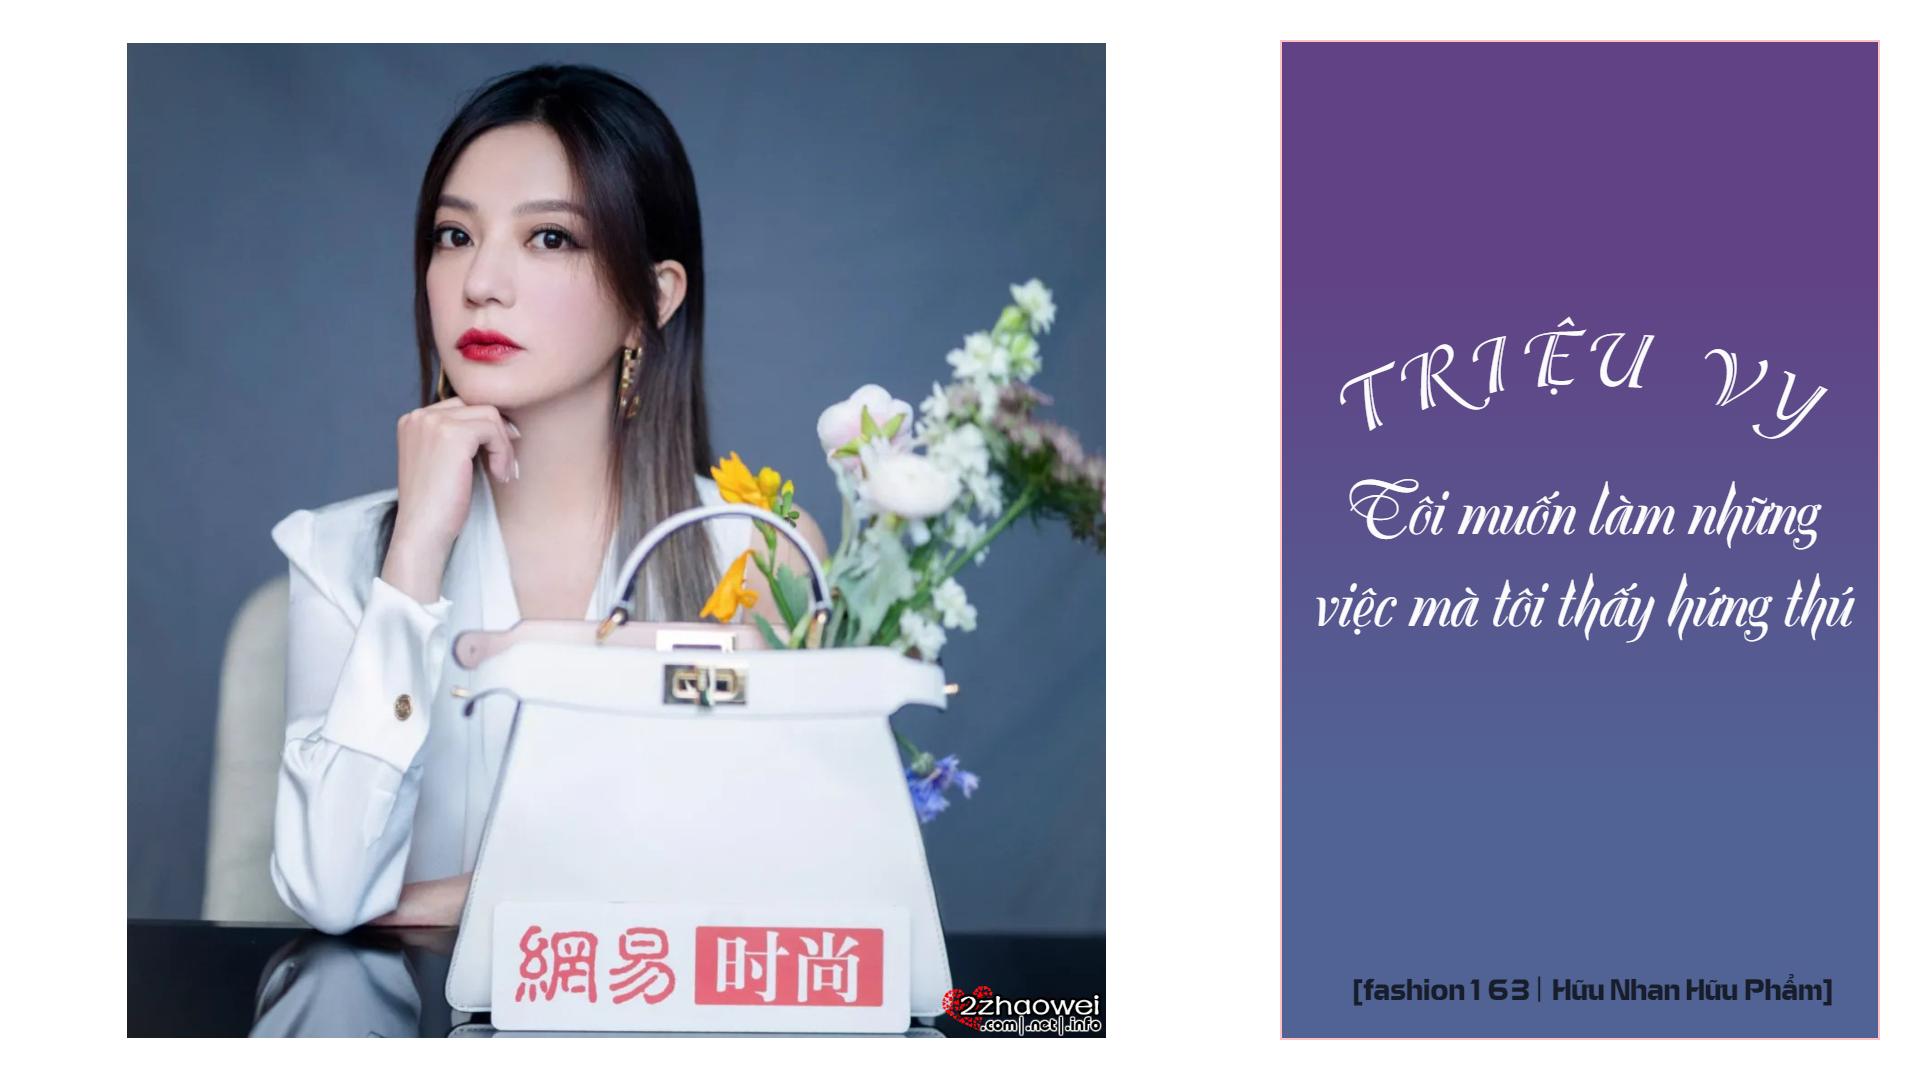 [fashion163 Hữu Nhan Hữu Phẩm] Triệu Vy: Tôi muốn làm việc mà tôi thấy hứng thú  #2zhaoweiVietSub